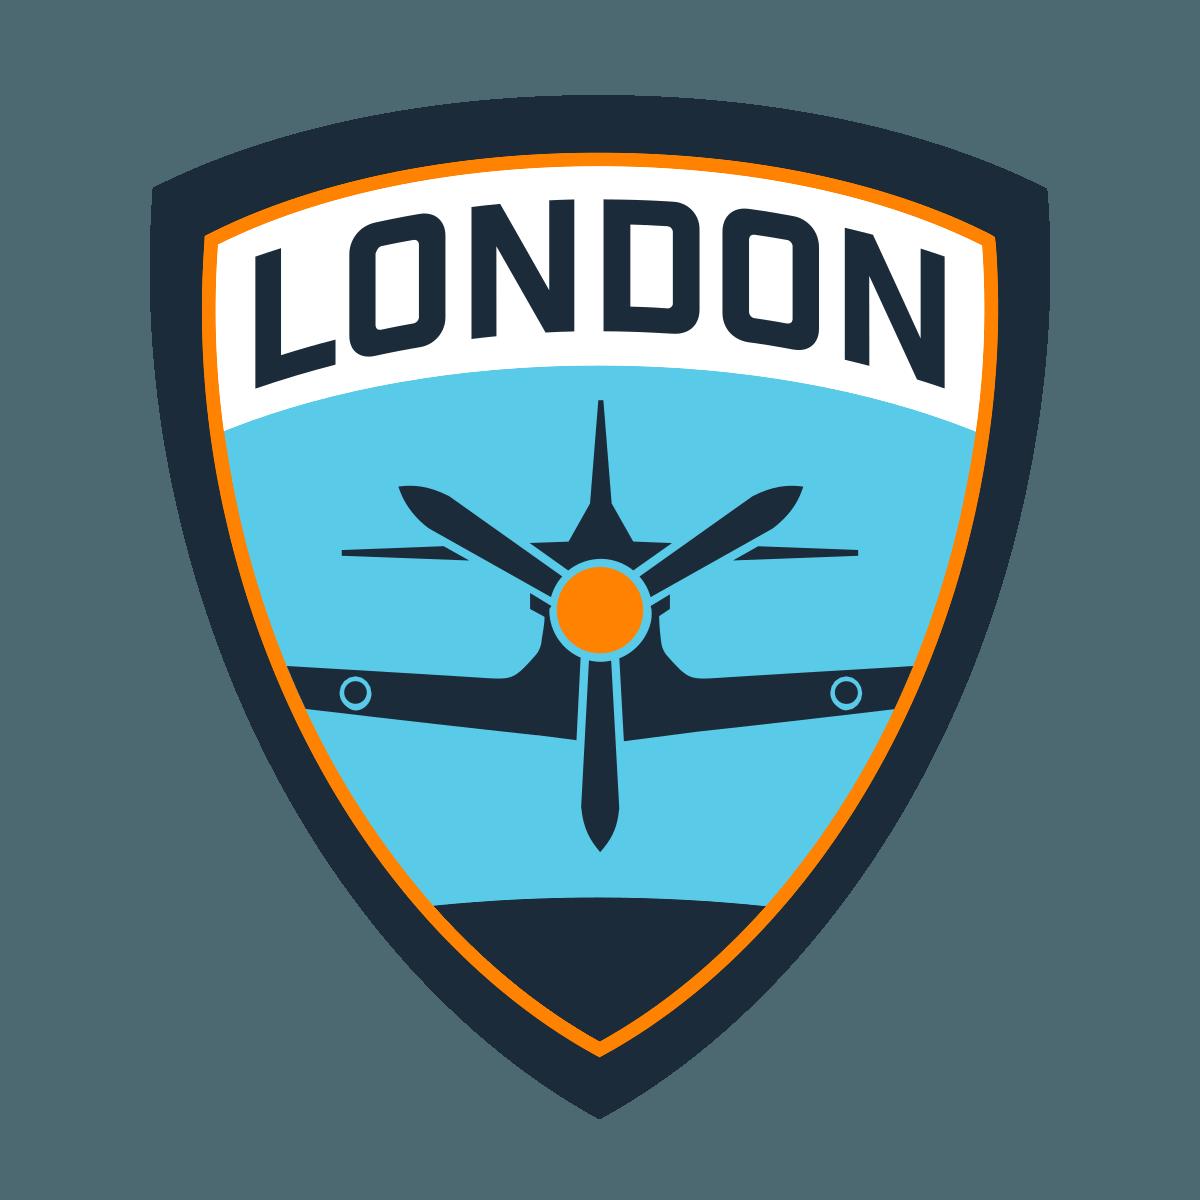 London Spitfire Social Media Following